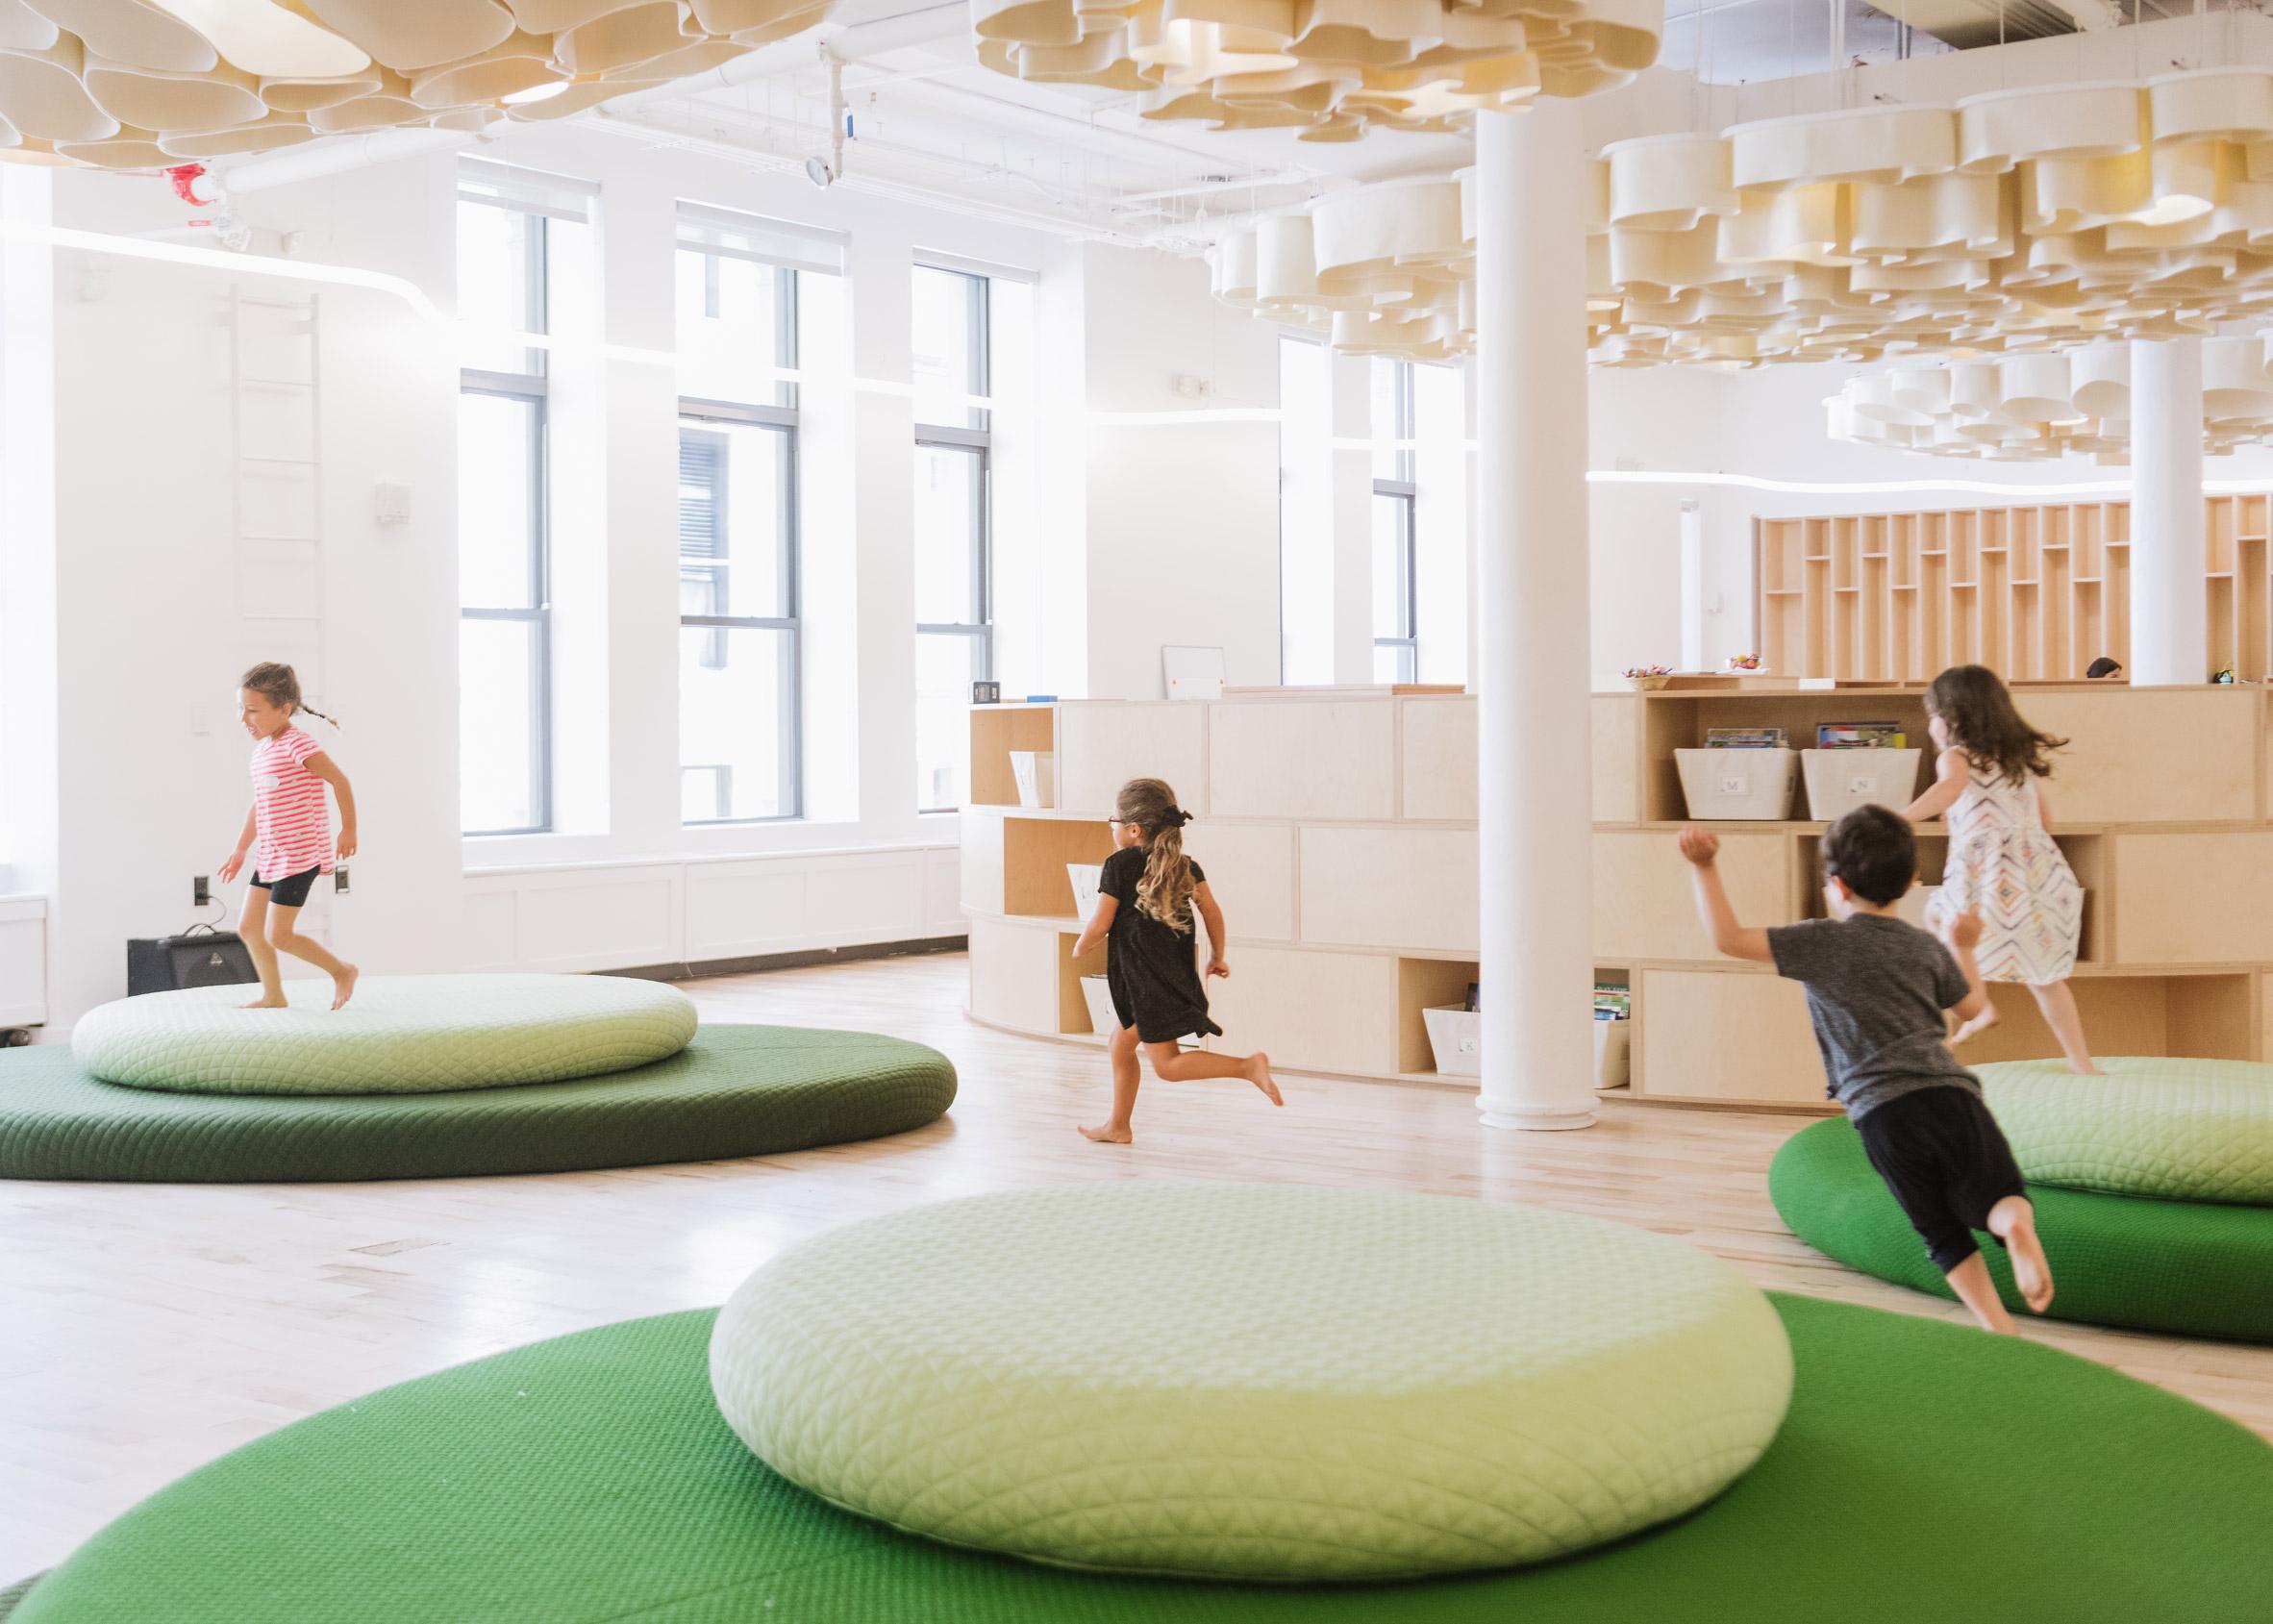 wegrow-big-wework-kindergarten-children-new-york-usa_dezeen_2364_col_2.jpg